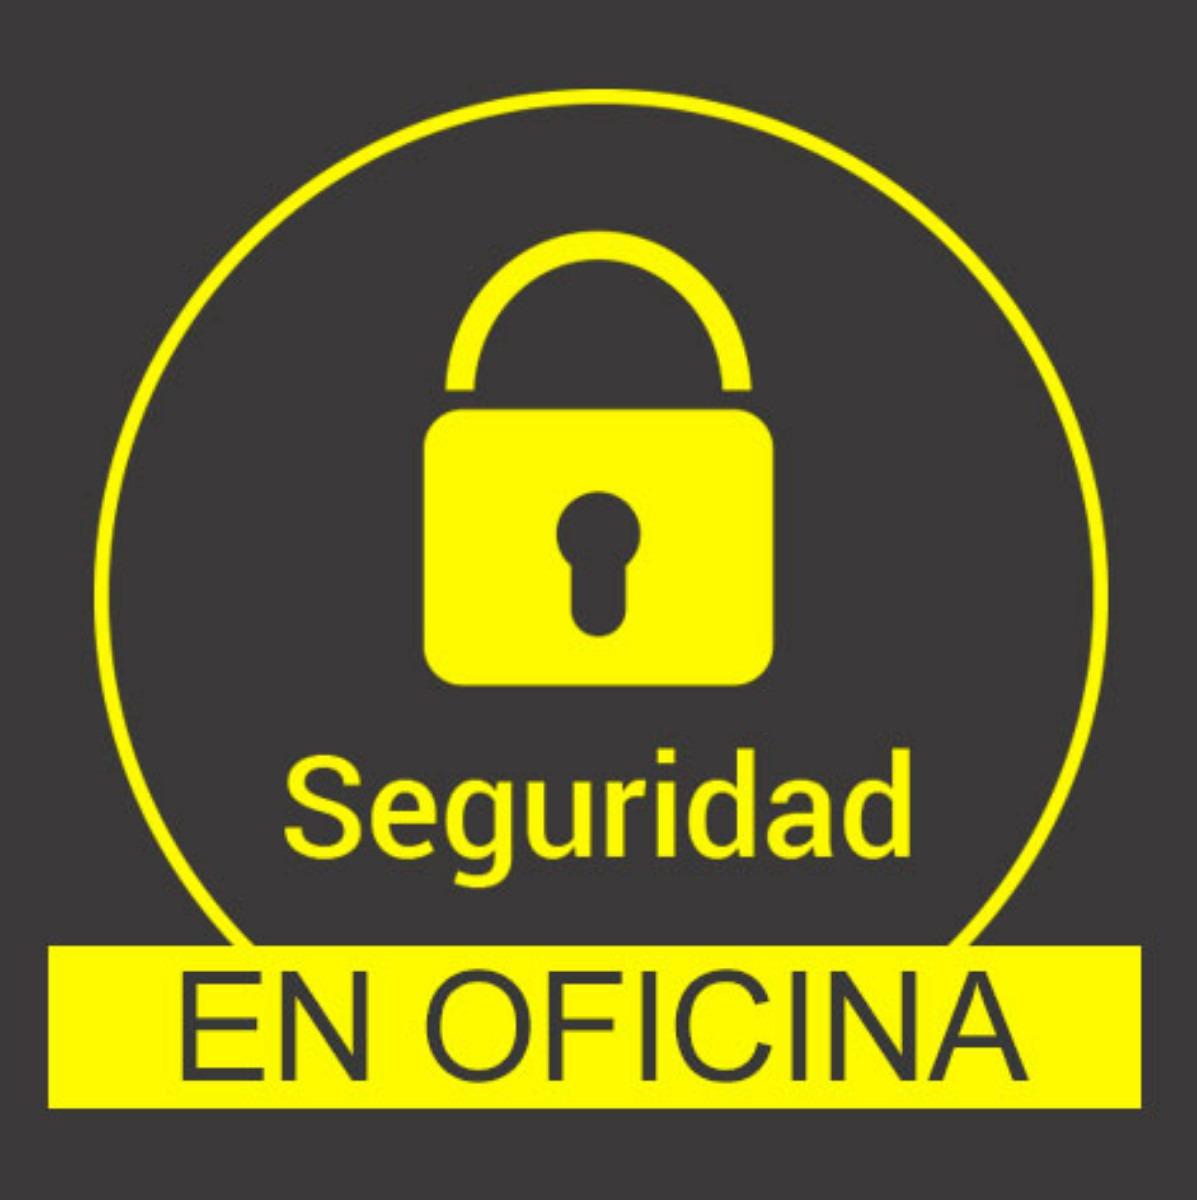 Seguridad en Oficina